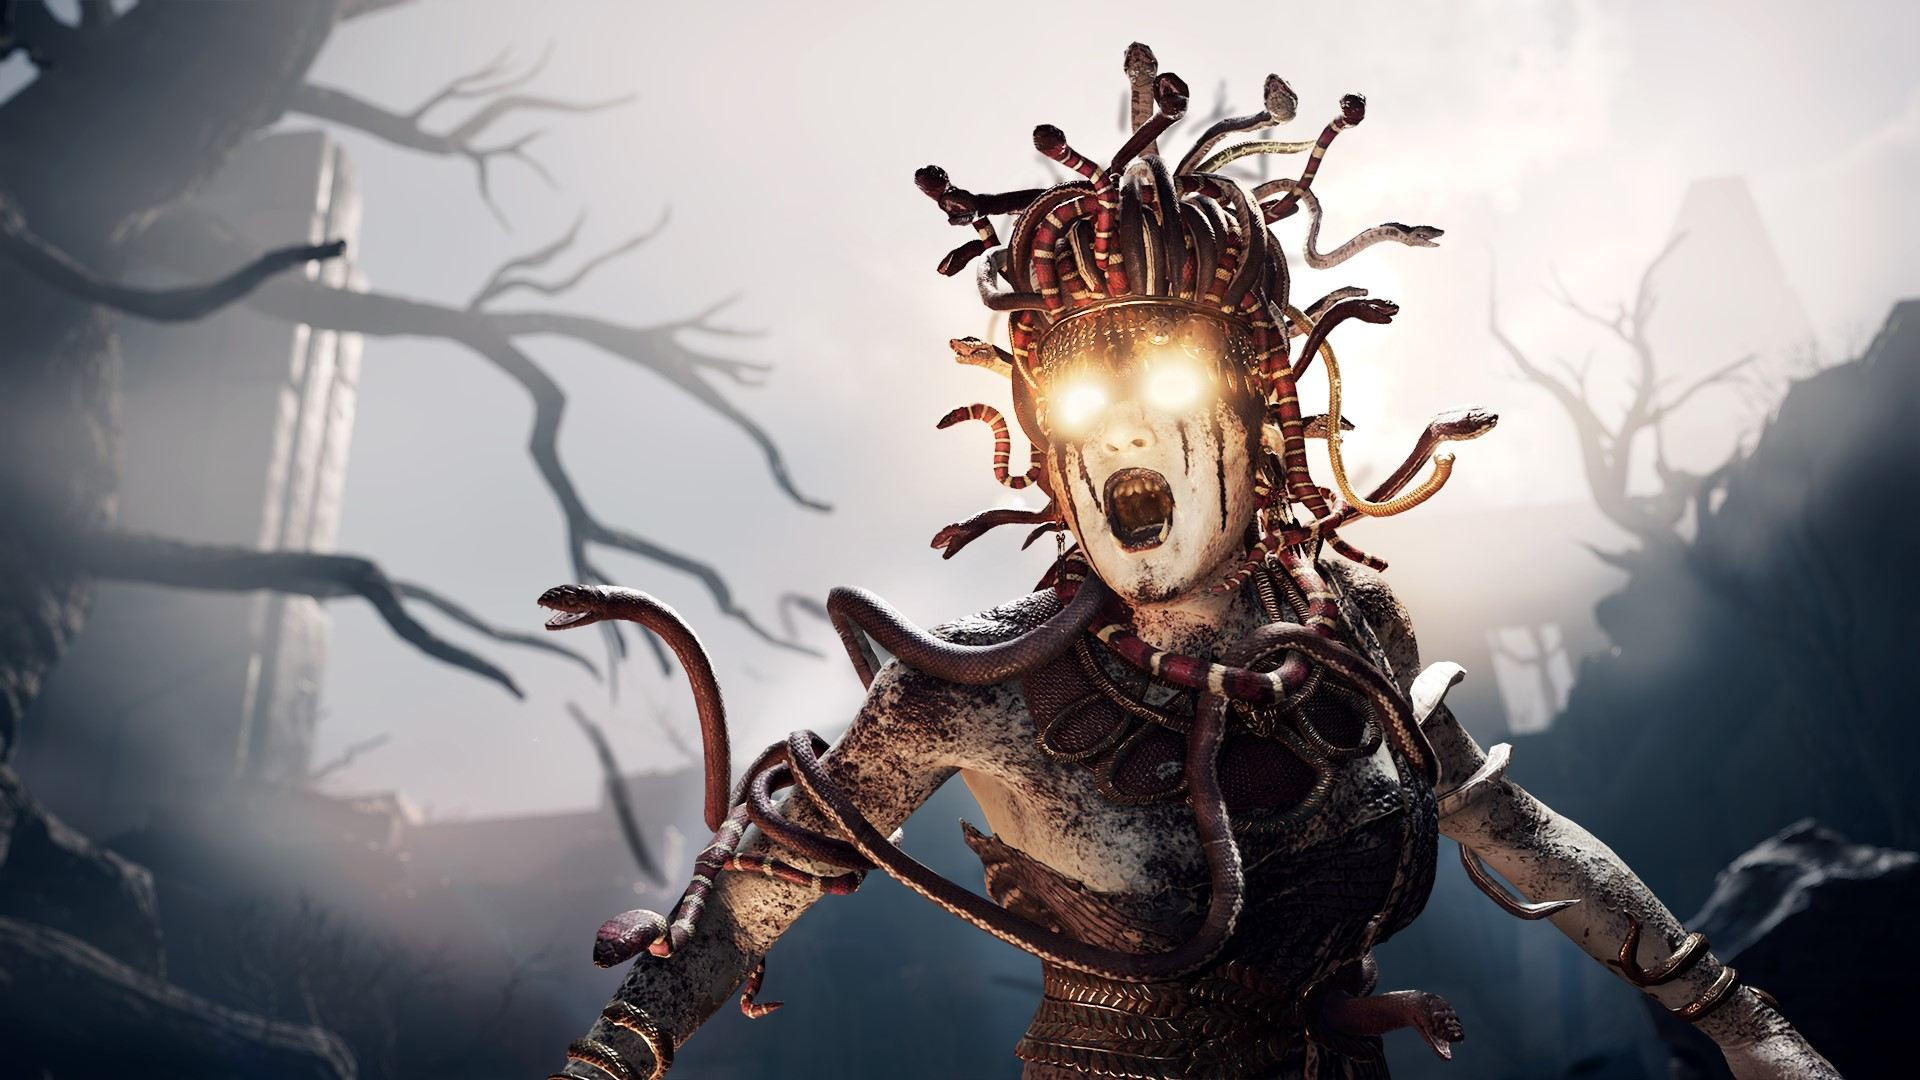 Час геймплея Assassin's Creed Odyssey: стелс, убийство врагов горящим копьем и романтические прогулки под луной